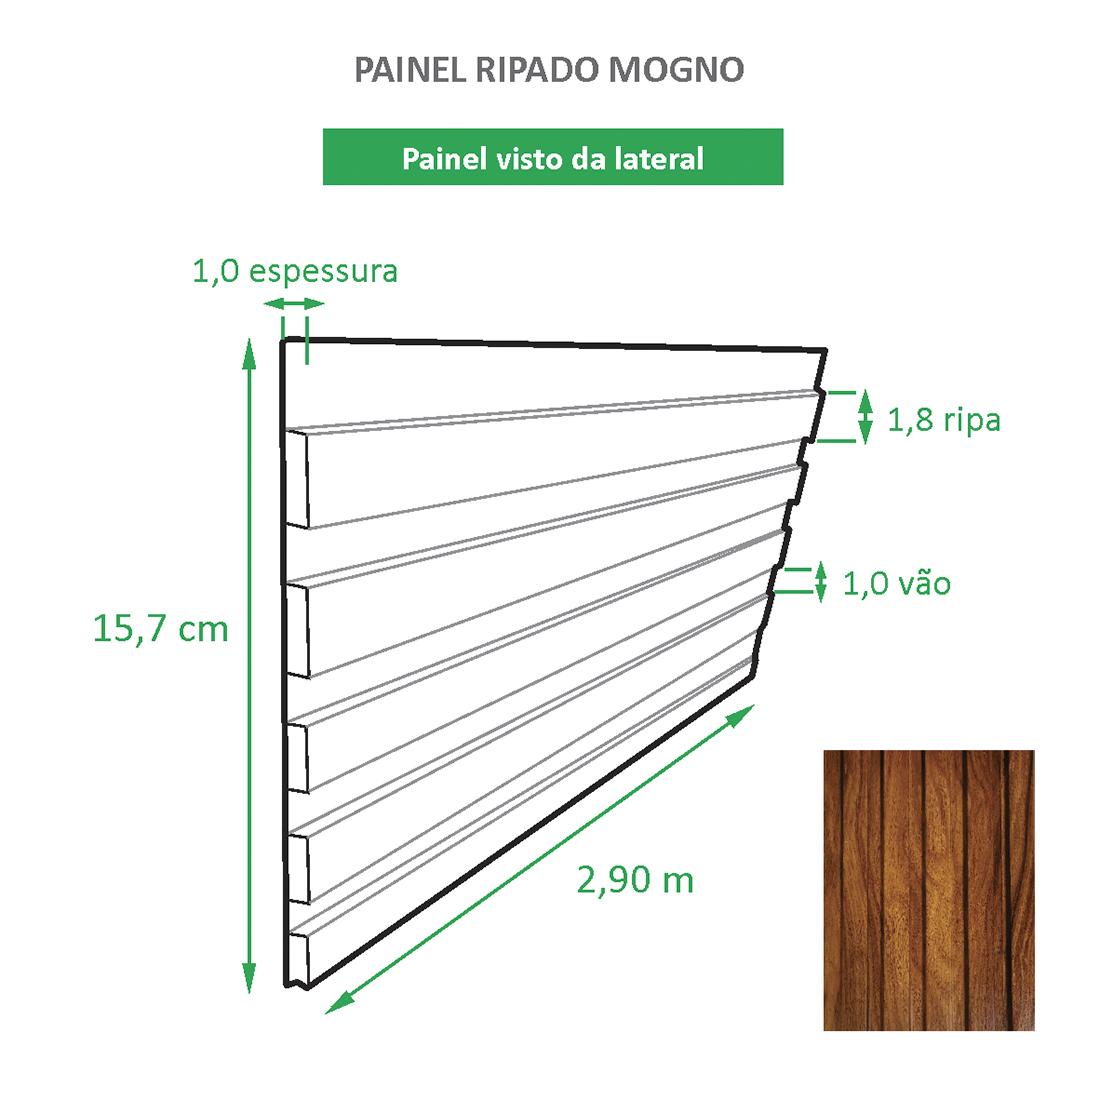 Painel Ripado Ecológico RENO Mogno - Novidade placa com 0,46m²